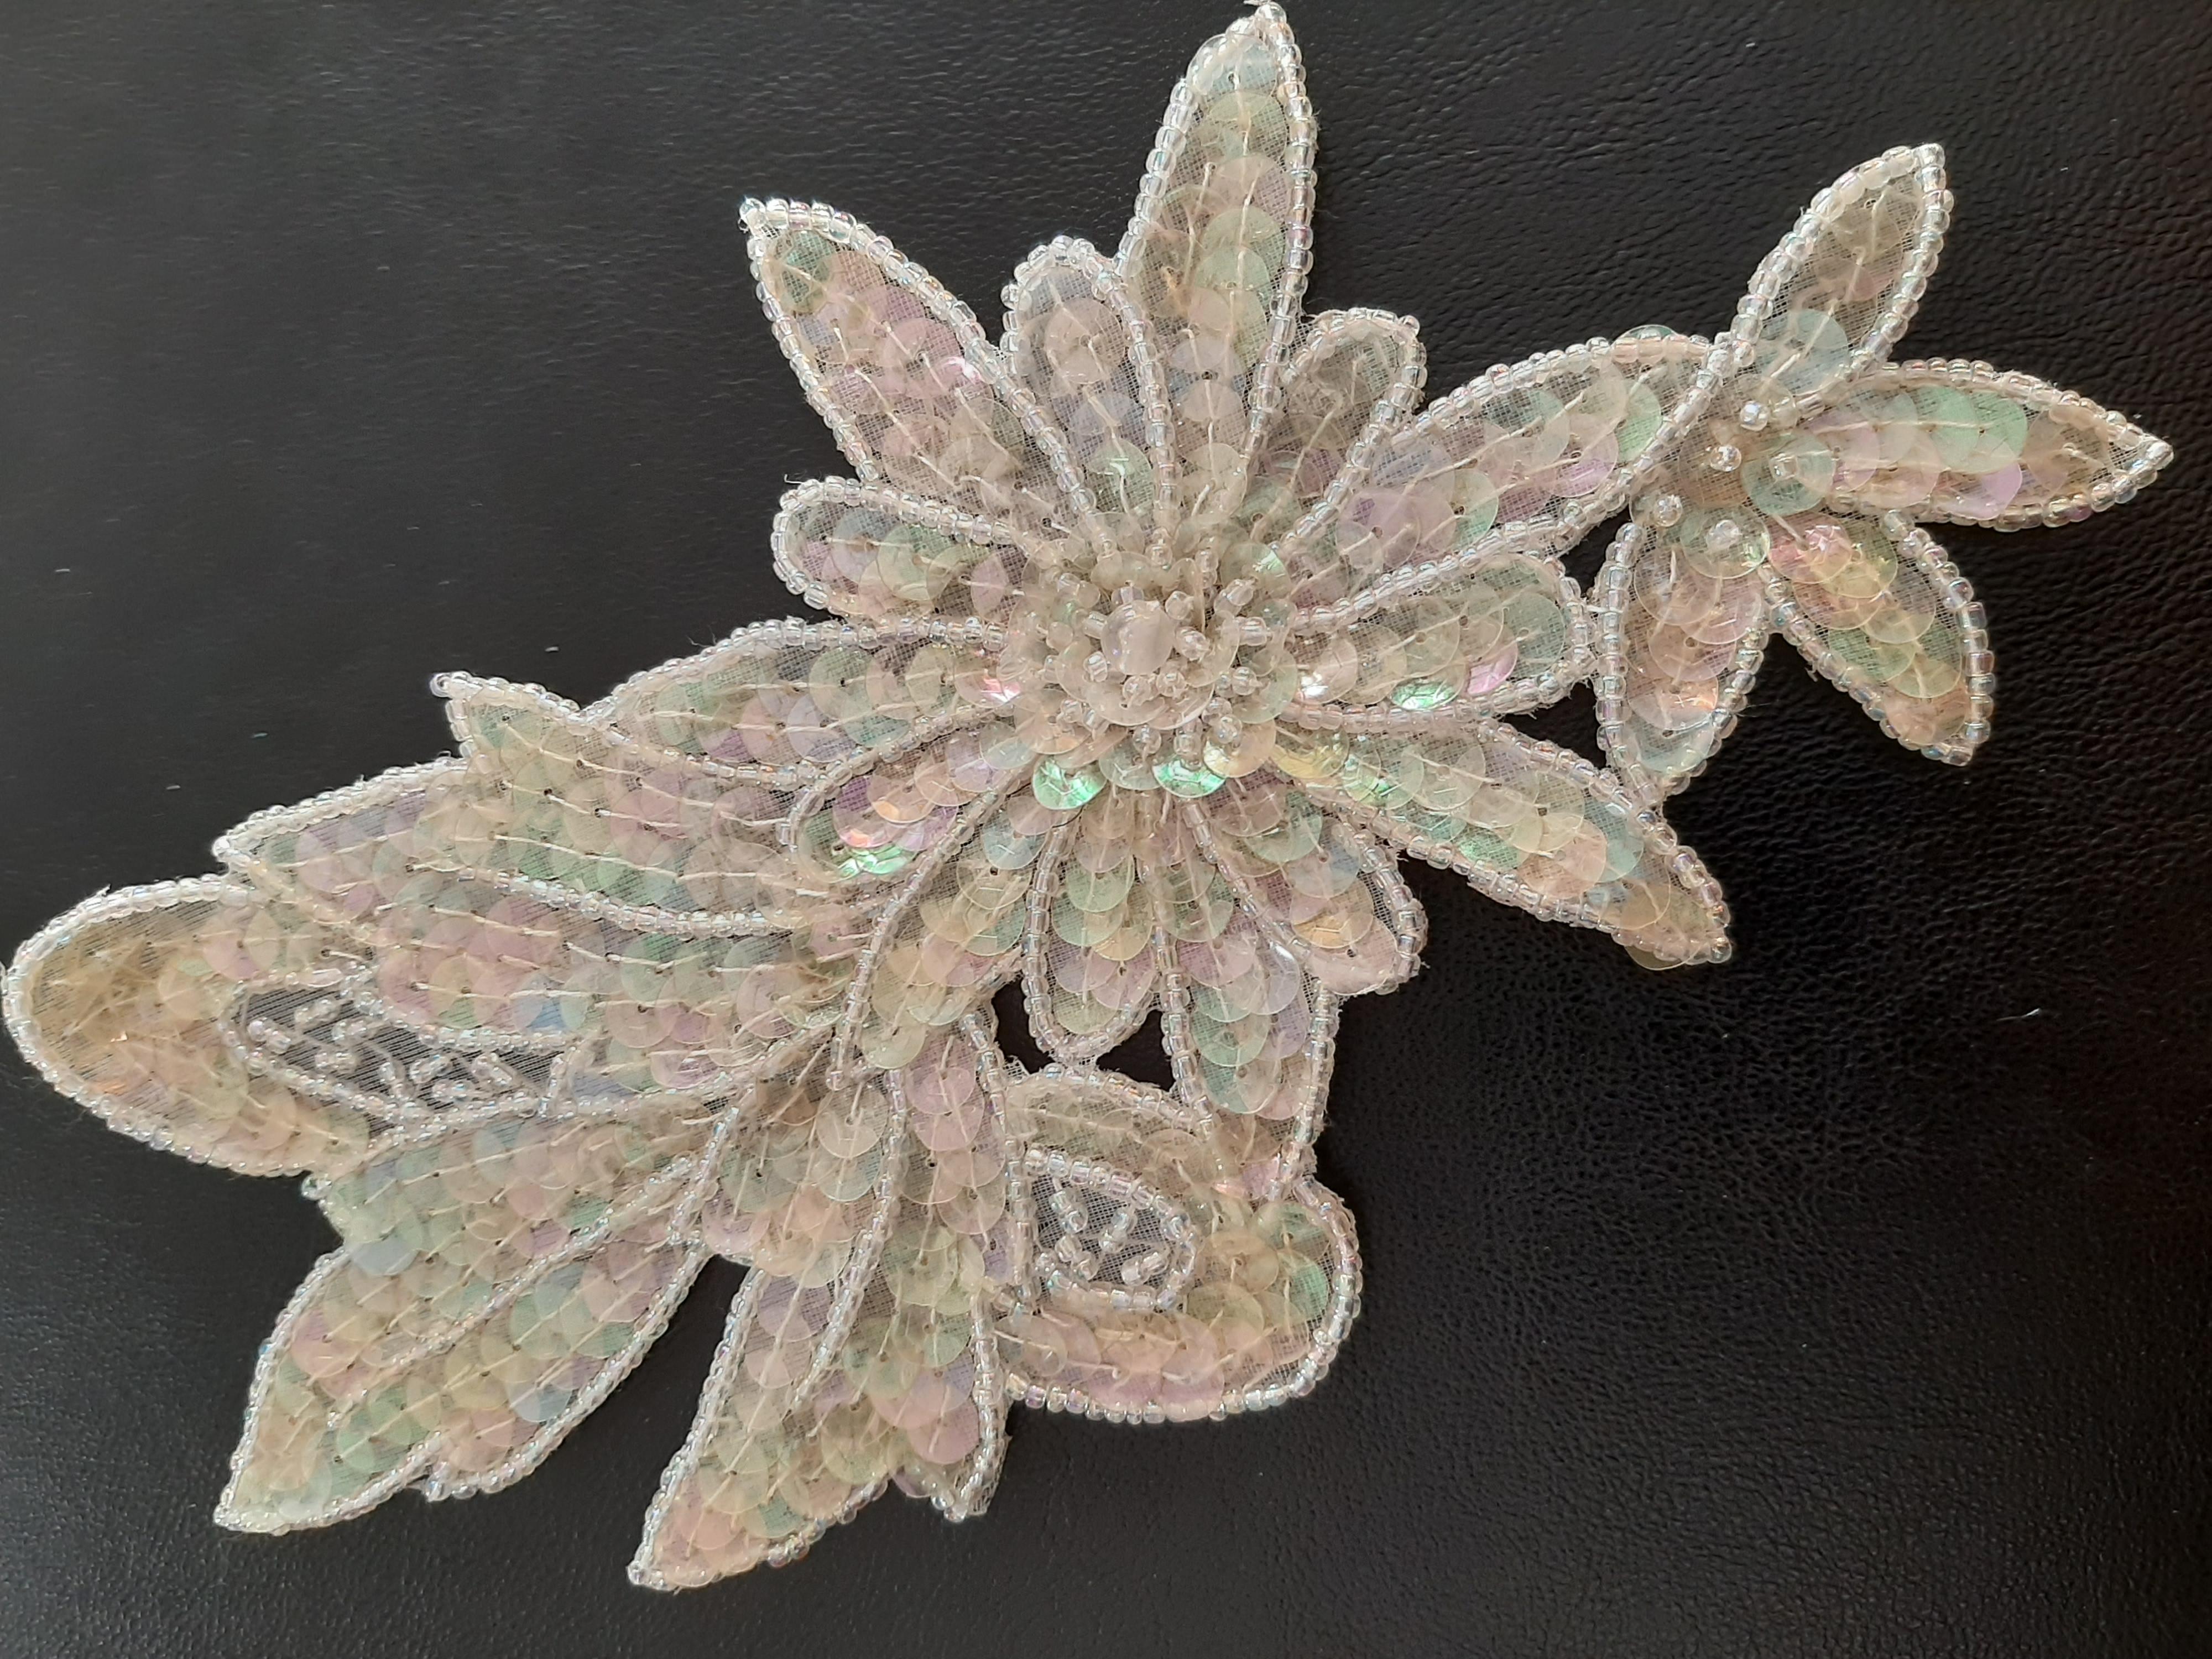 Applikation  mit  schillernde  Perlen und Pailletten  Maße  20 + 10  cm